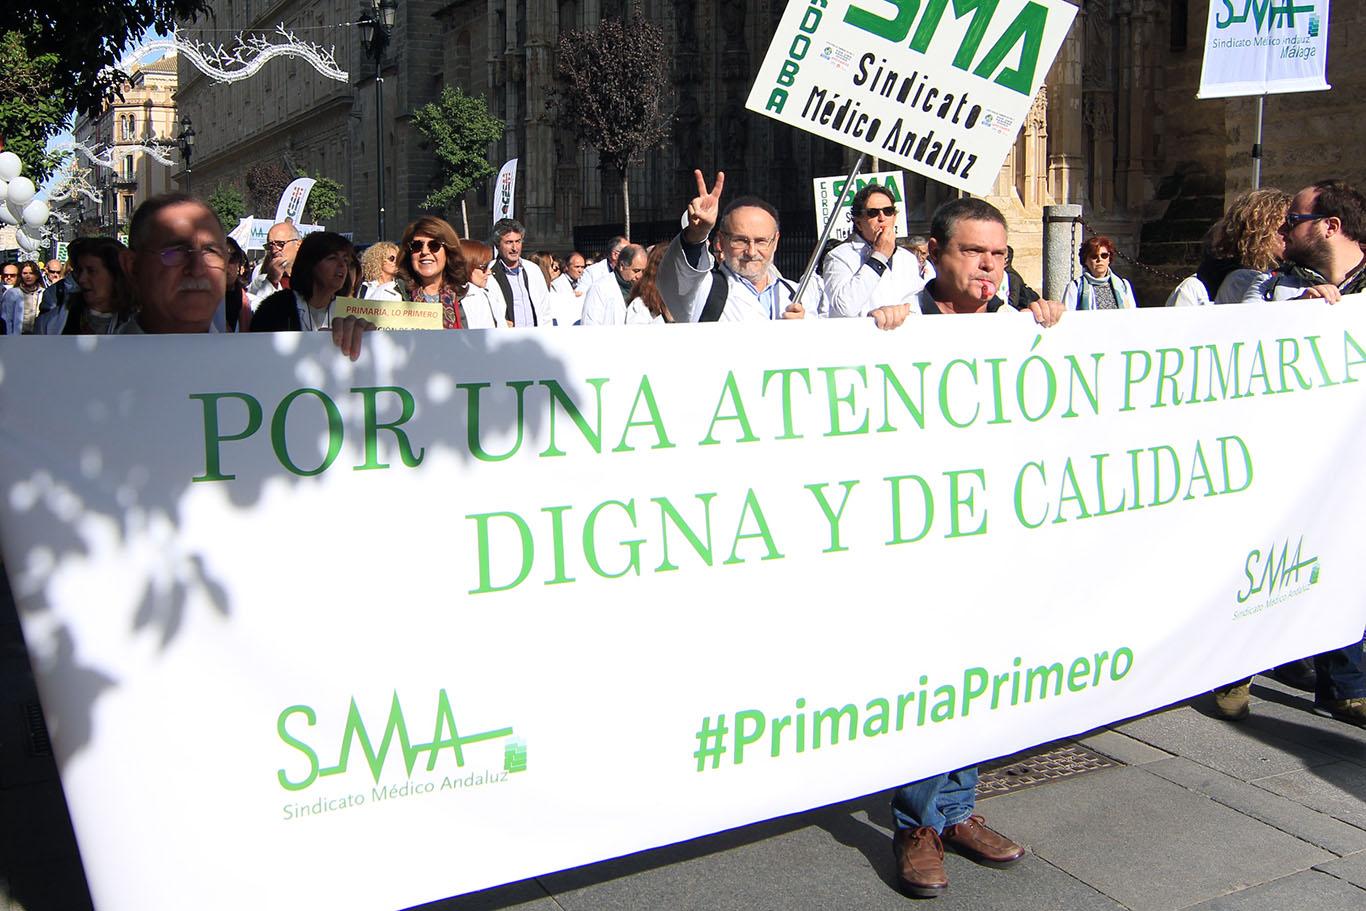 Страйк медиків у місті Севілья (Іспанія)